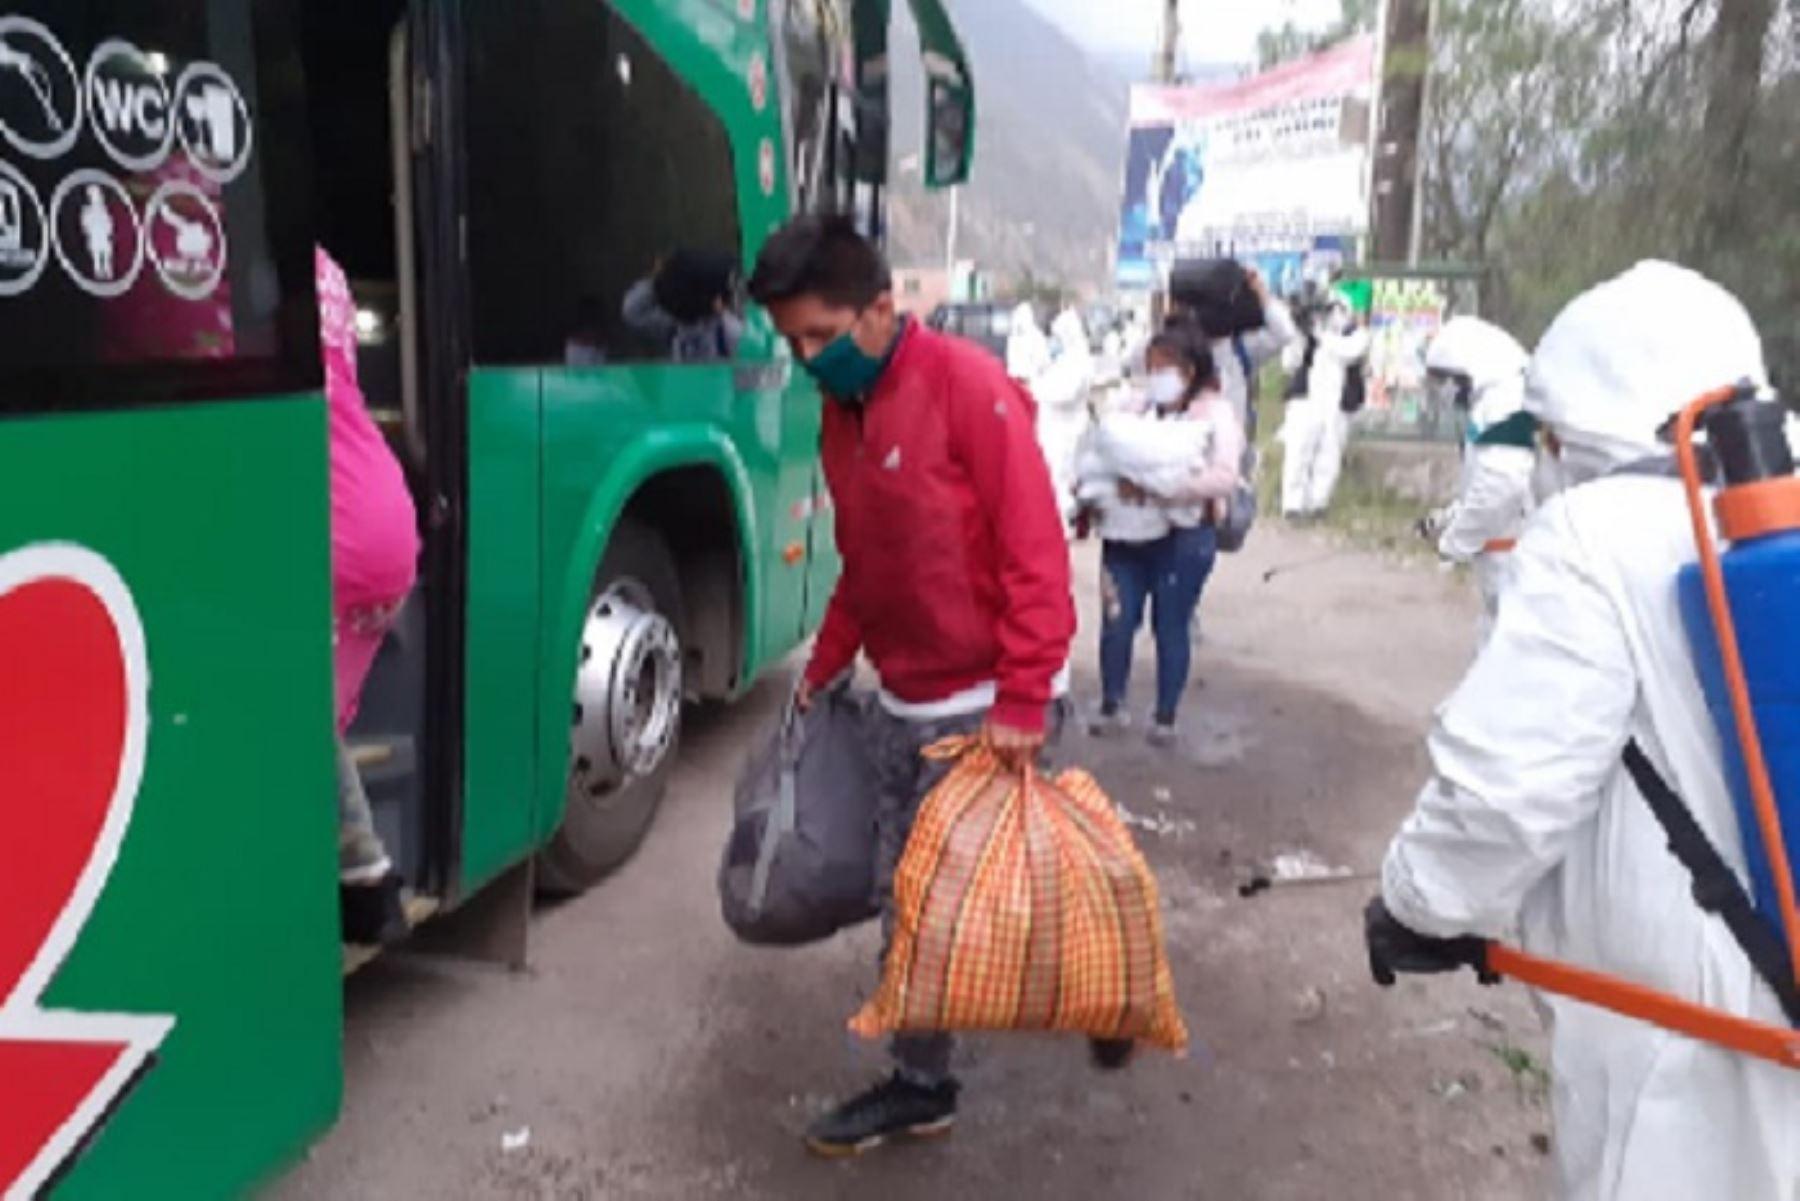 Los buses interprovinciales podrán reiniciar sus servicios a partir de julio, cumpliendo los protocolos específicos. ANDINA/Difusión